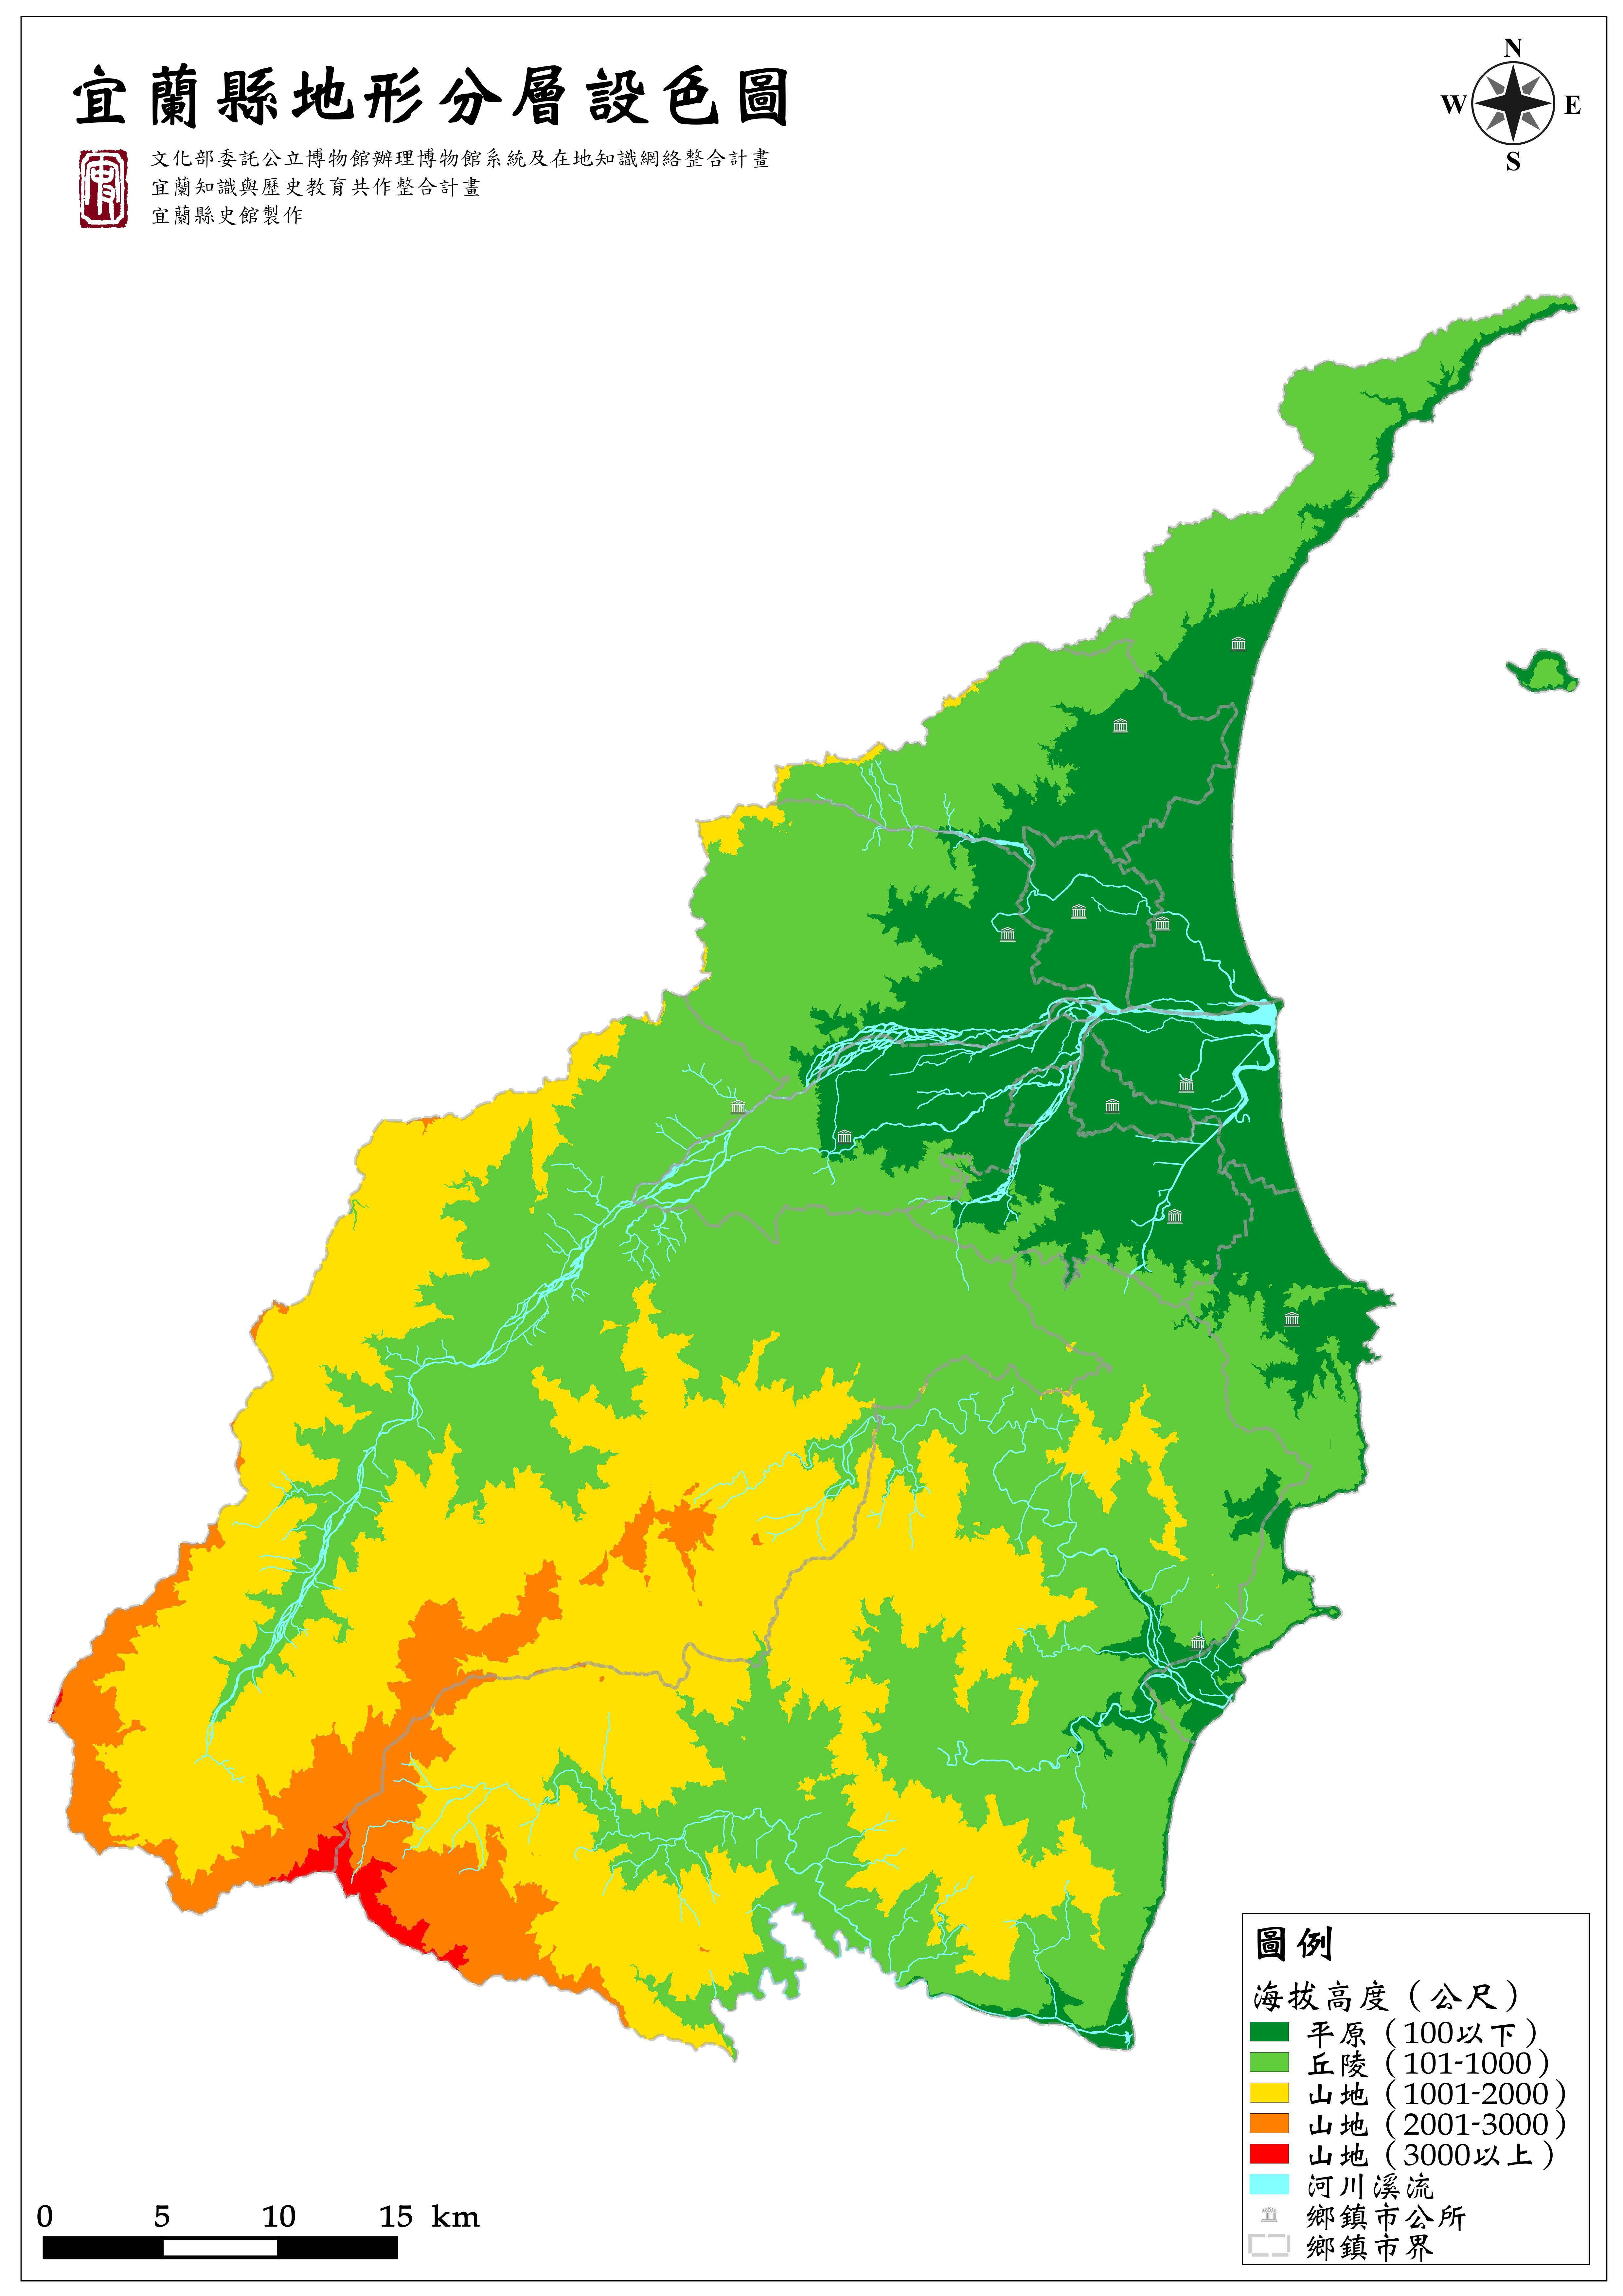 宜蘭縣地形分層設色圖(含水系及公所位置)